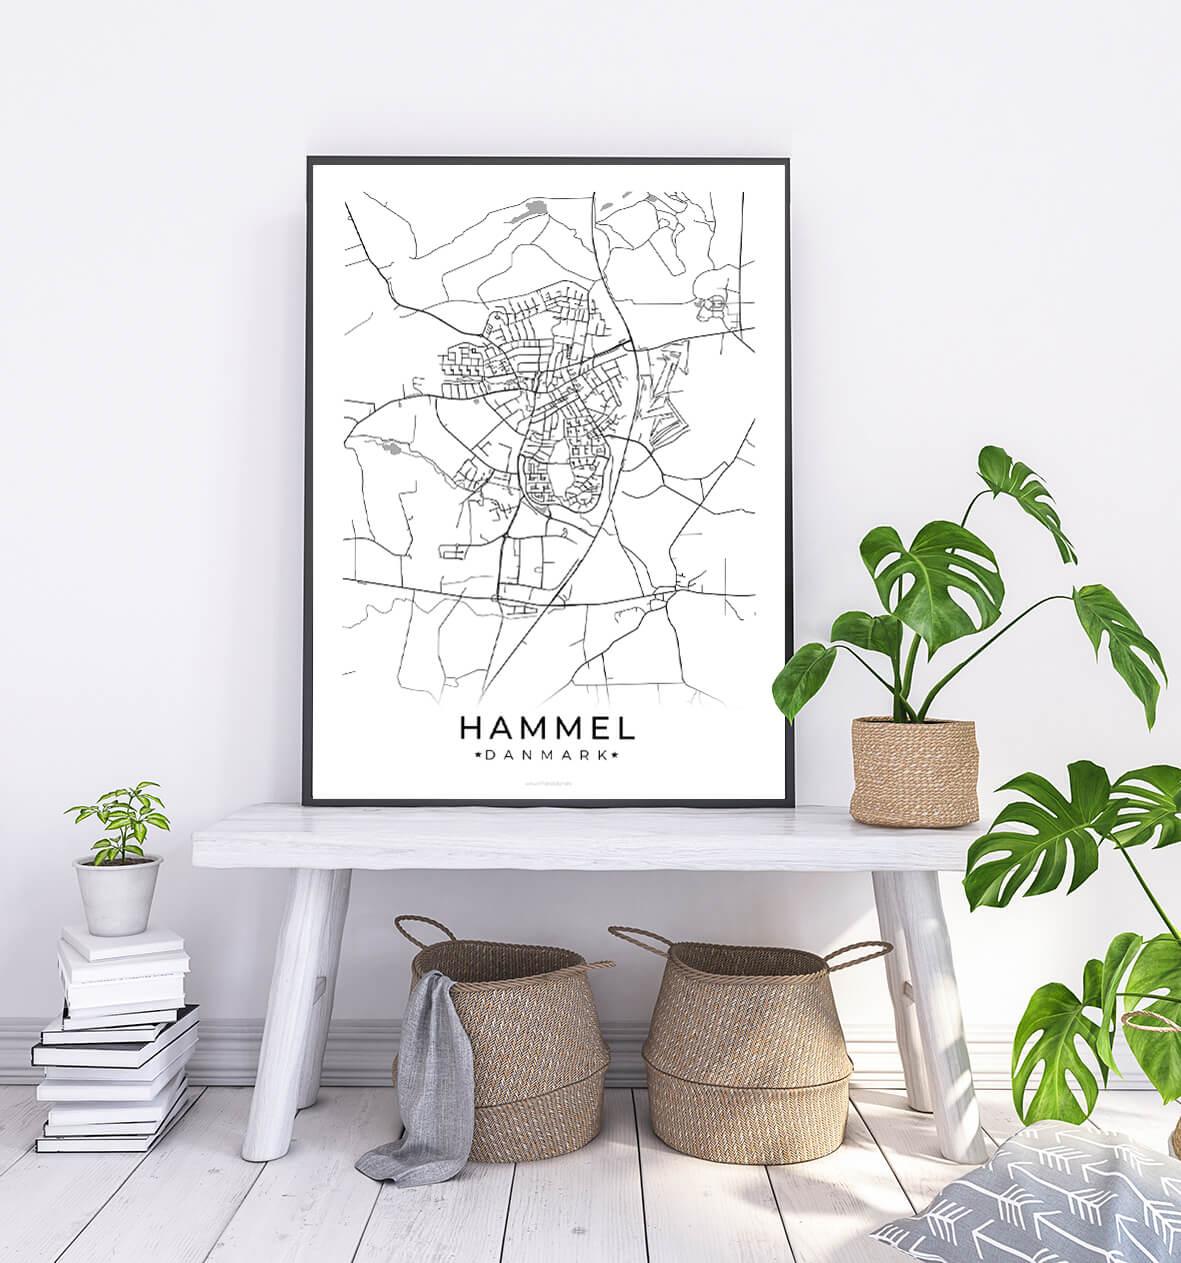 Hammel-hvid-byplakat-1